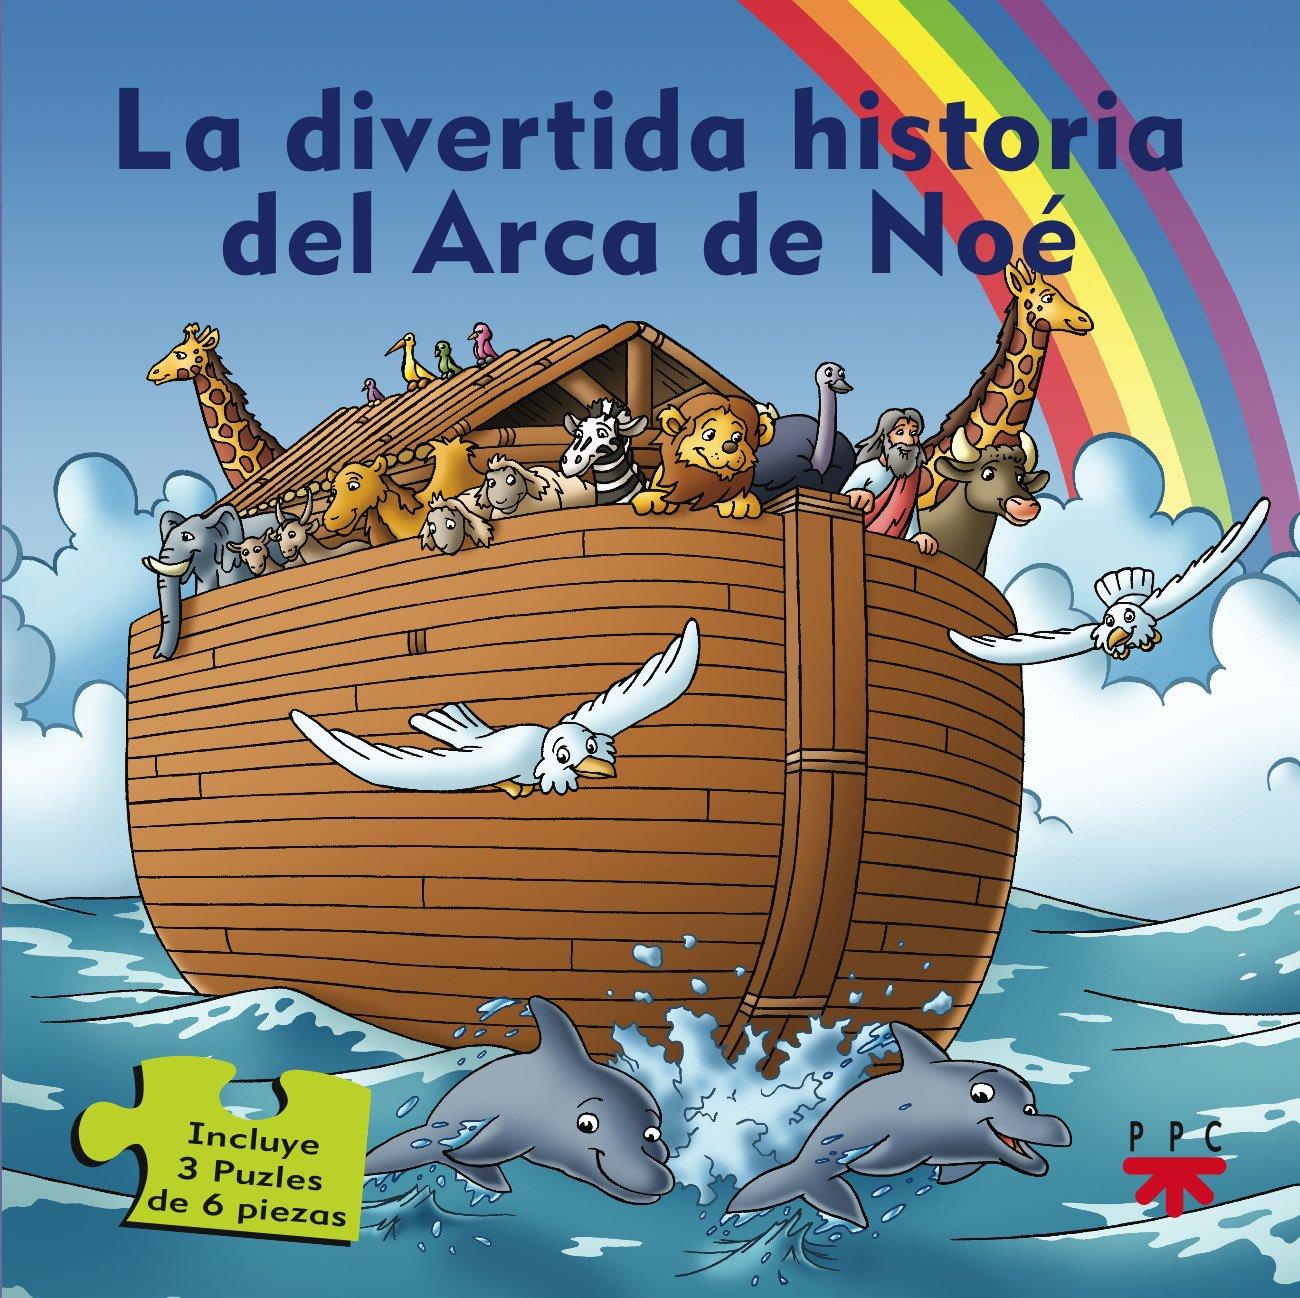 La divertida historia del Arca de Noé: Amazon.es: Juhl, Torben: Libros